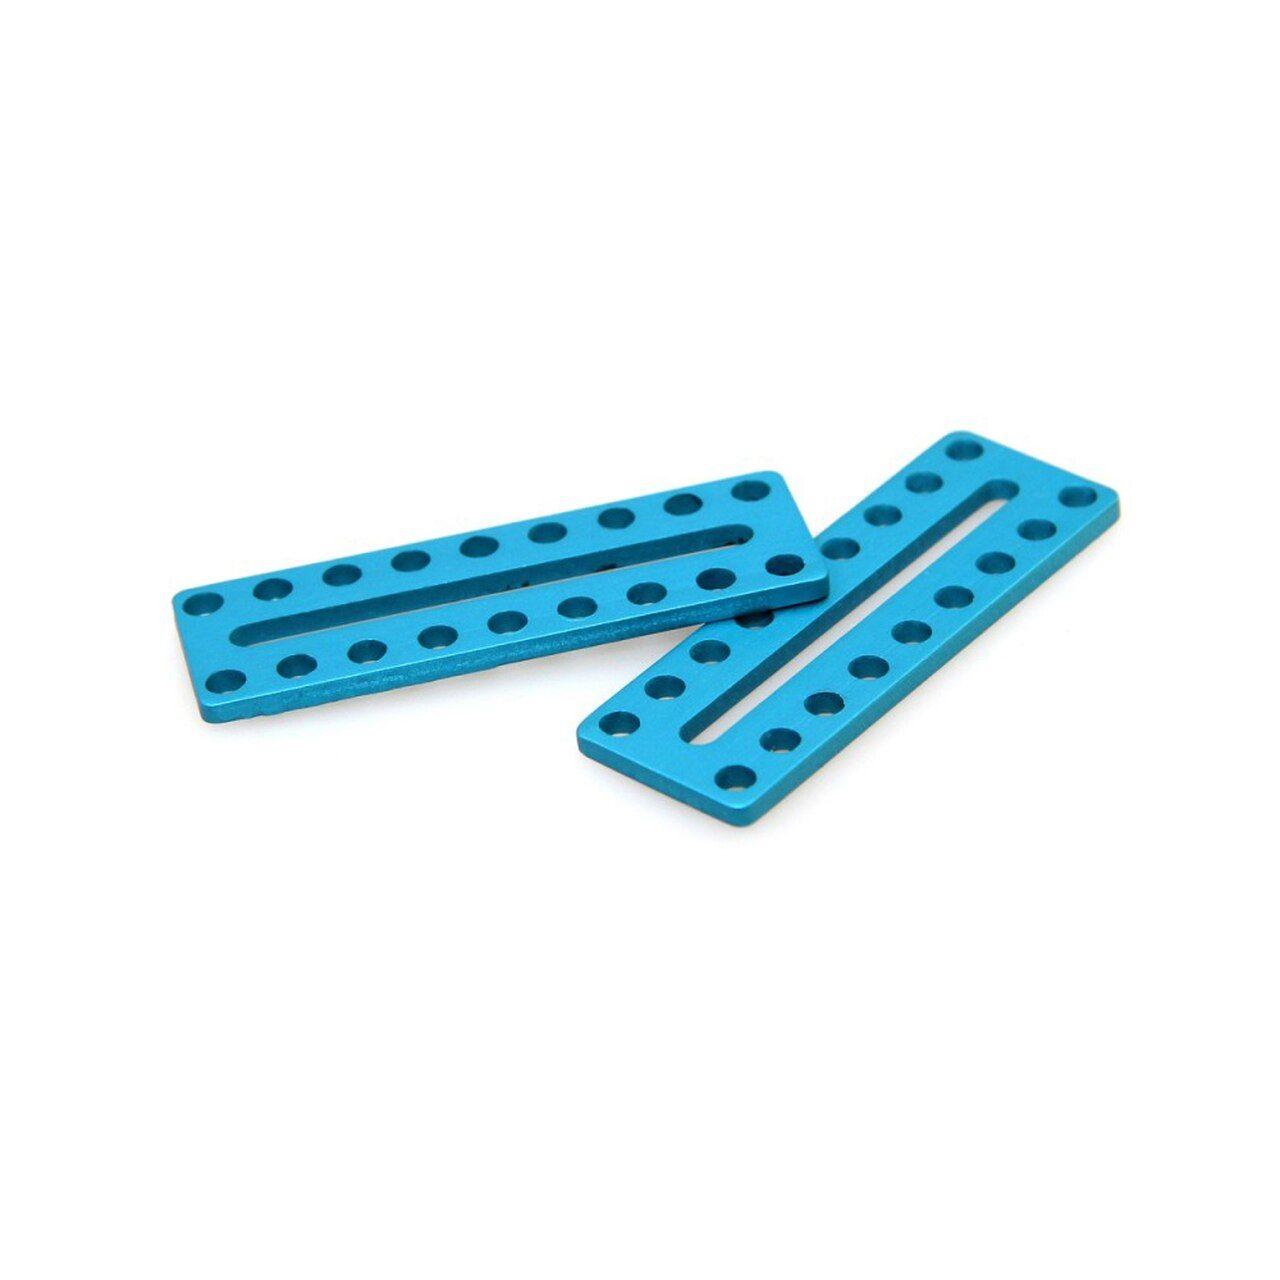 Makeblock Plate I1-Blue (Pair)